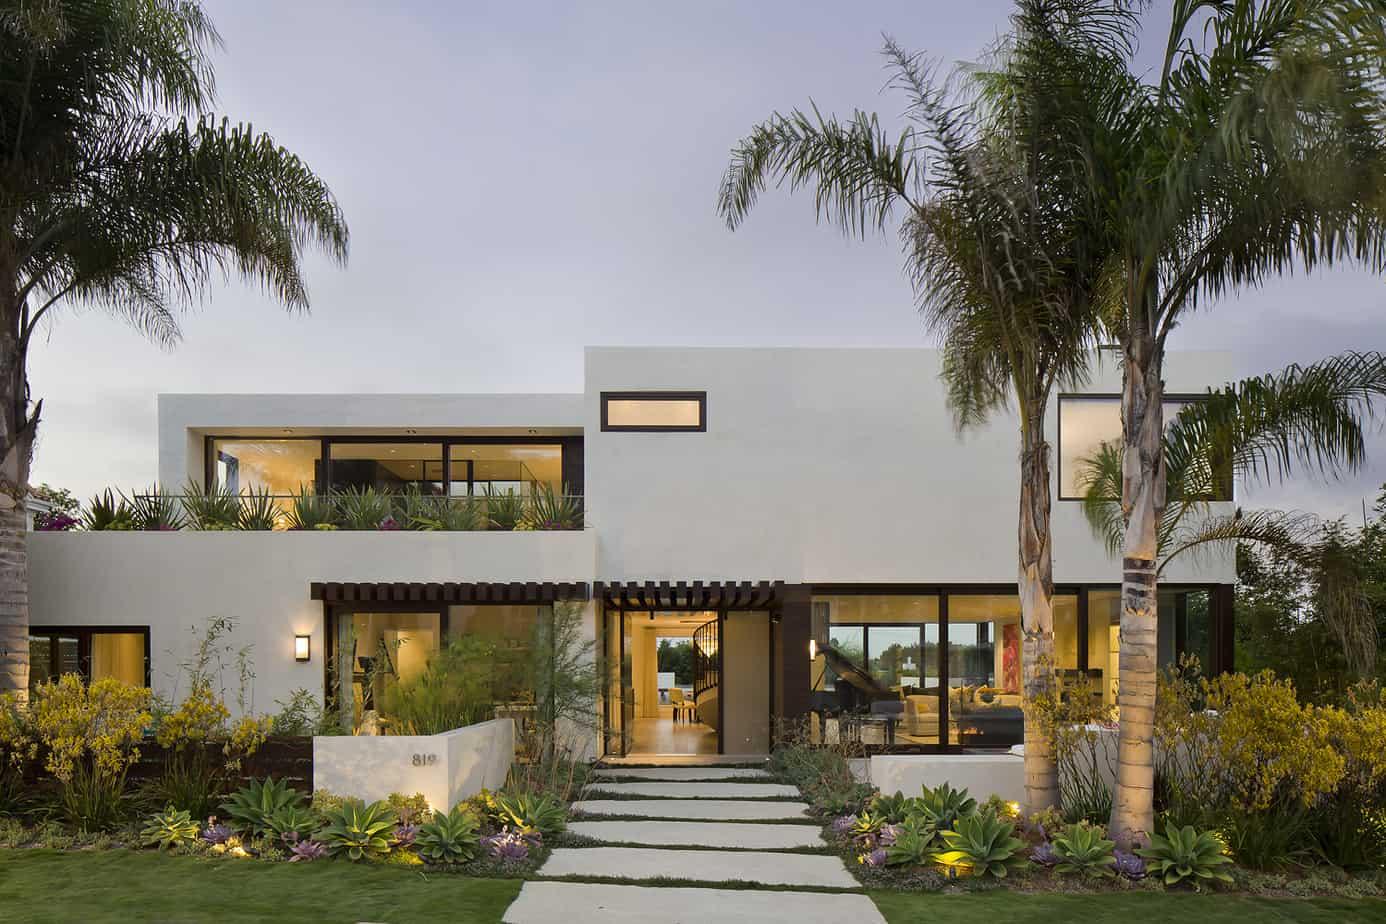 33 mẫu thiết kế nhà hiện đại đẹp ấn tượng nhất 8